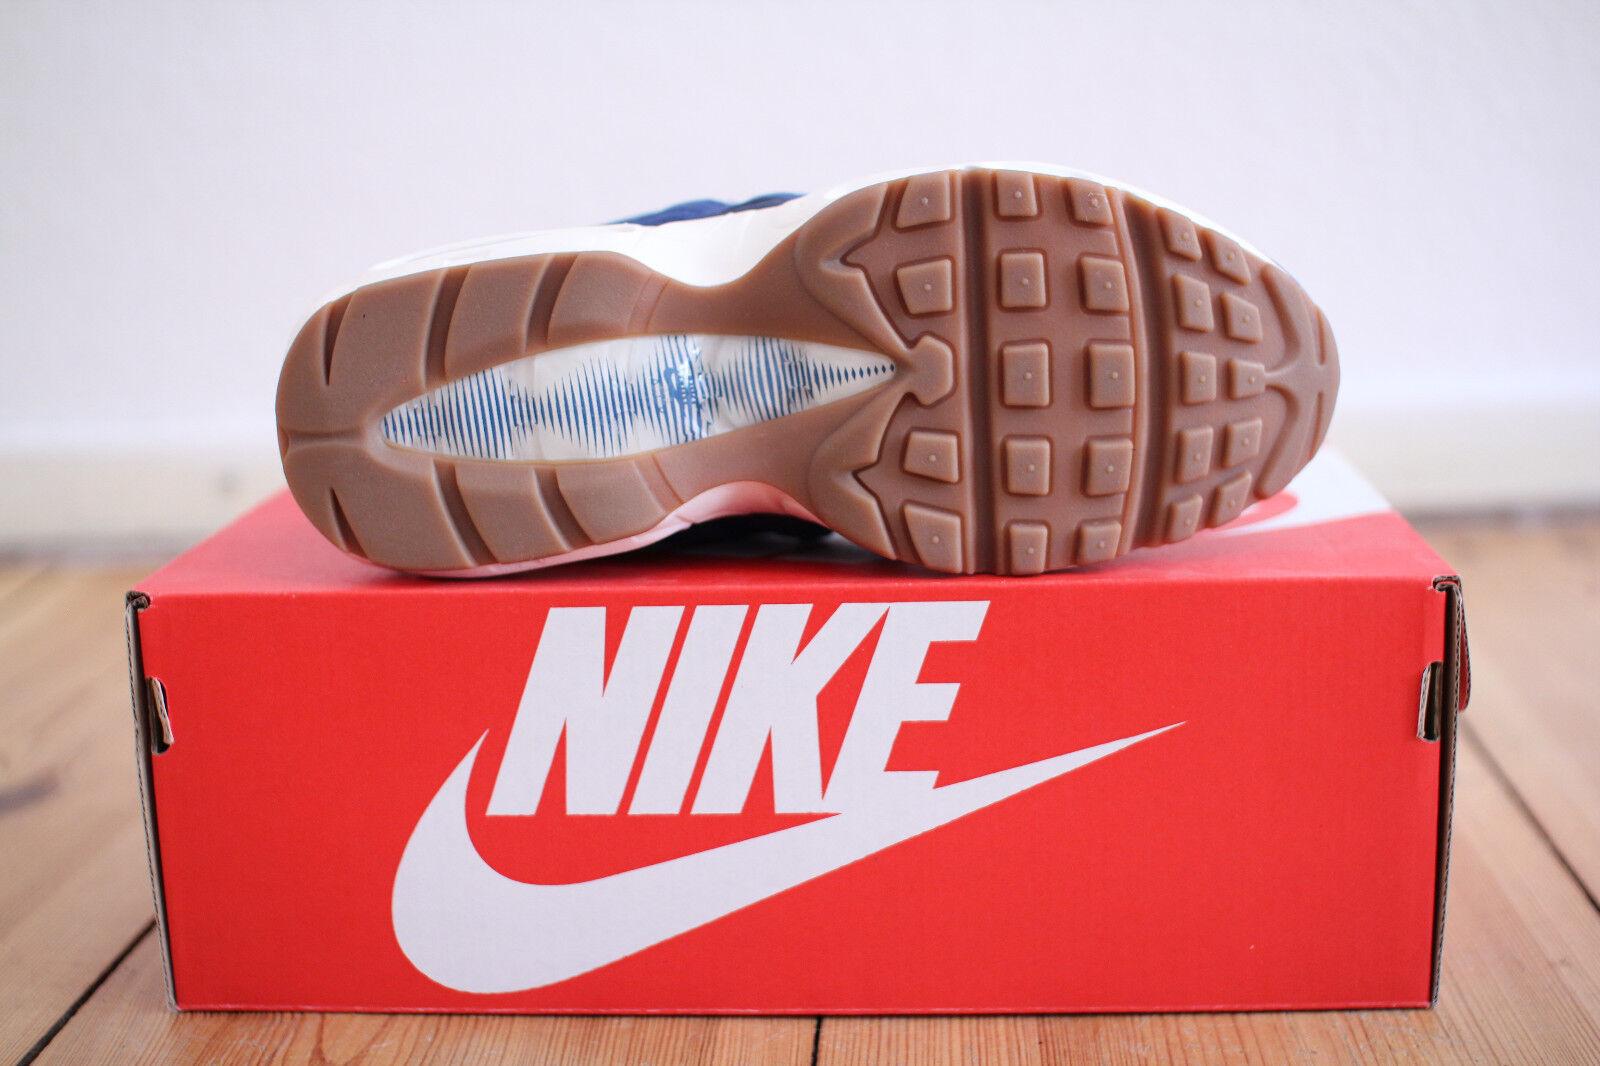 Nike Air Max Max Max 95 WMNS blue Gr. 36,37,38,39 NEU & OVP 8b9b23